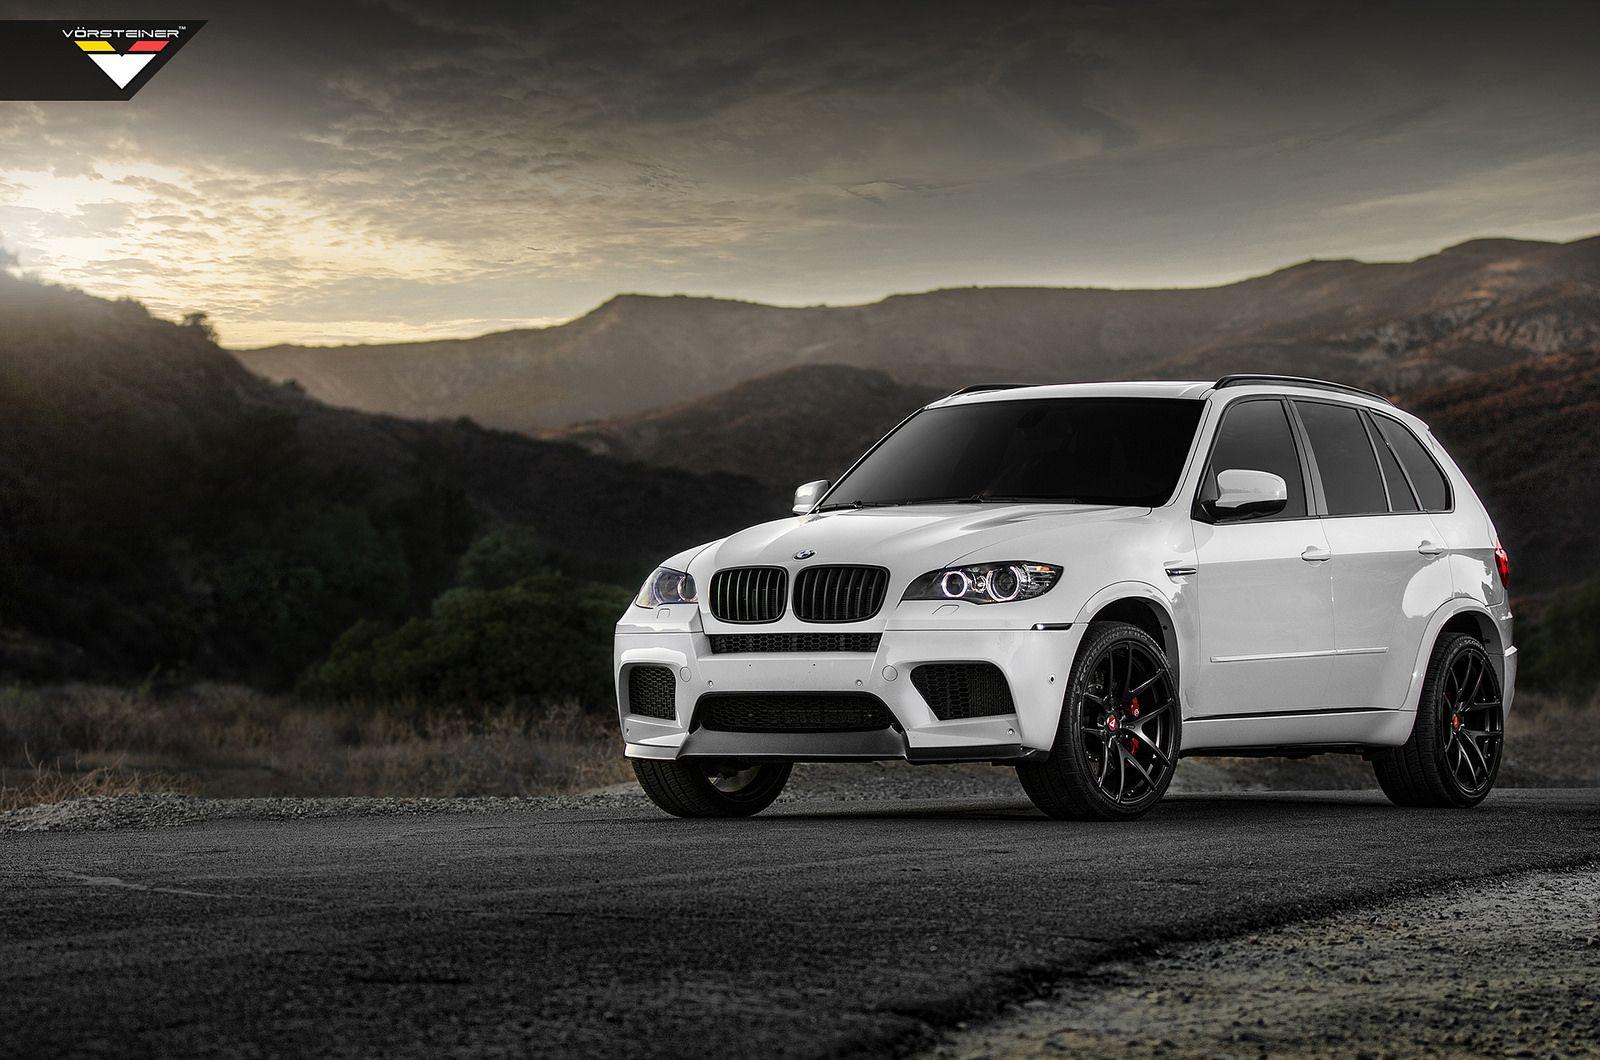 Vorsteiner BMW X5M In Alpine White Is Completely